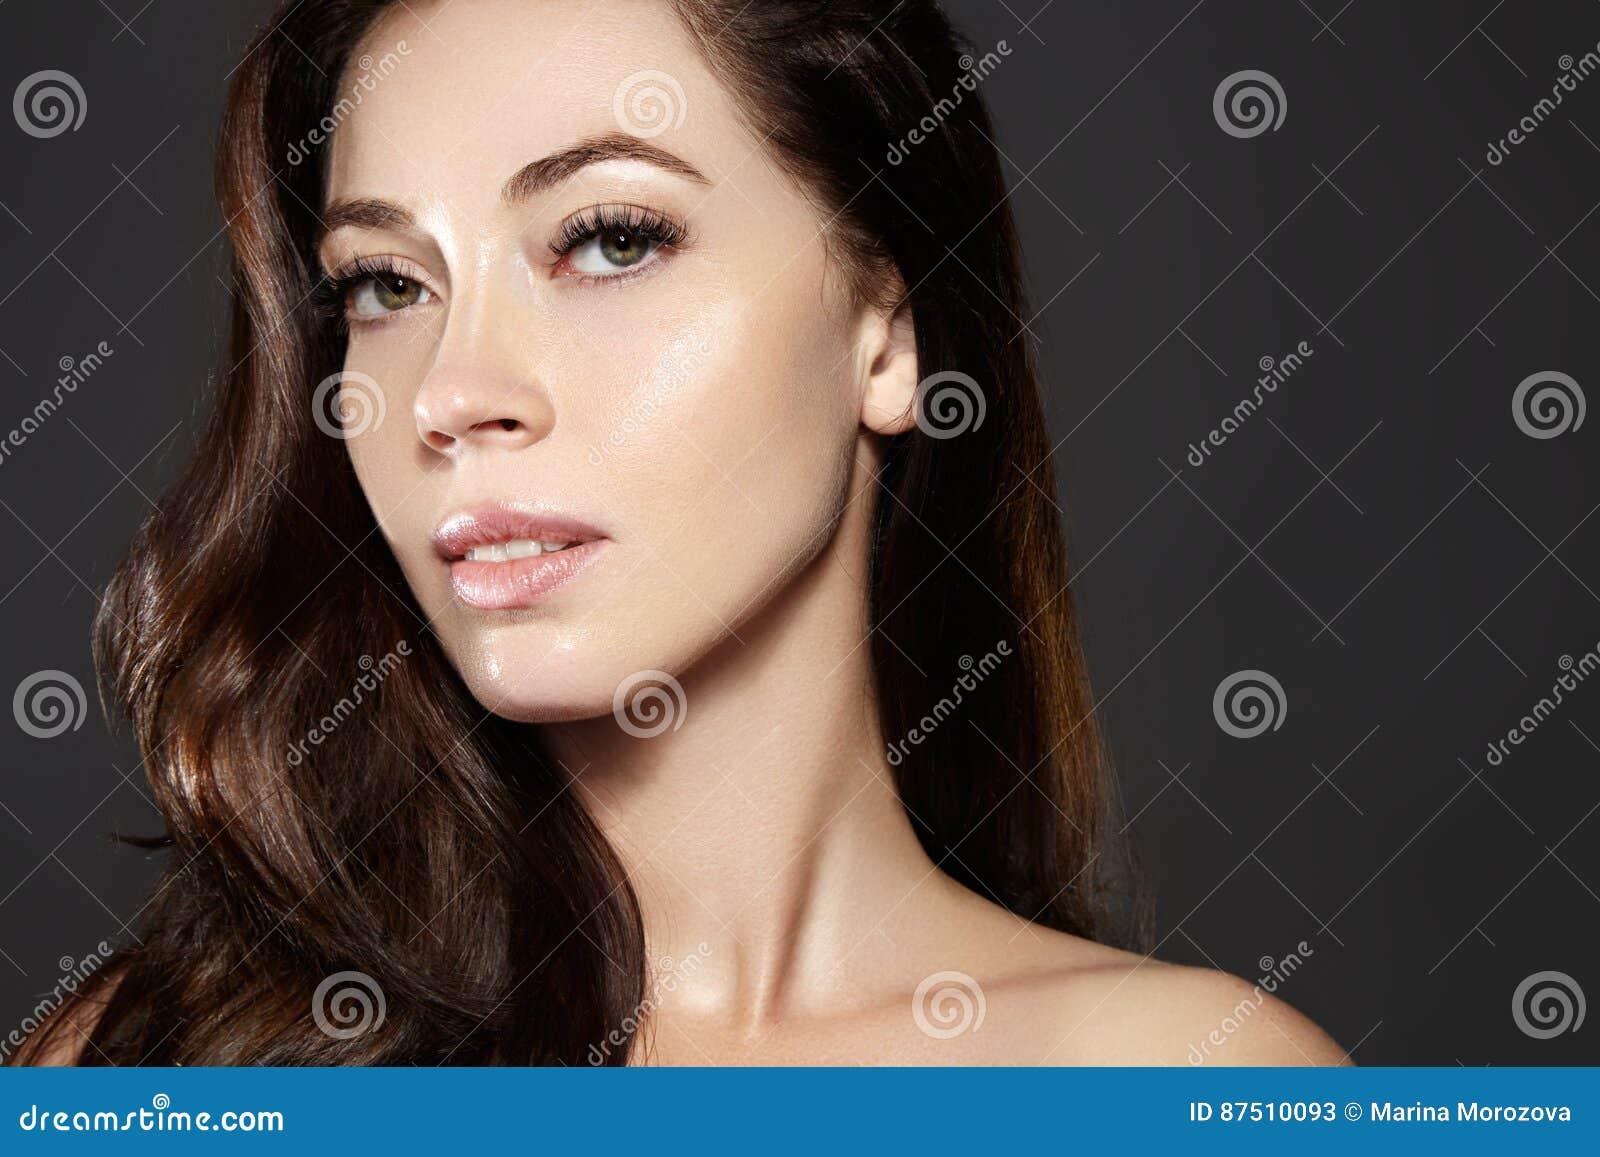 Ritratto con pelle pulita, trucco di bellezza di modo di fascino di  incandescenza Componga, acconciatura riccia Haircare, trucco Ritratto  orizzontale